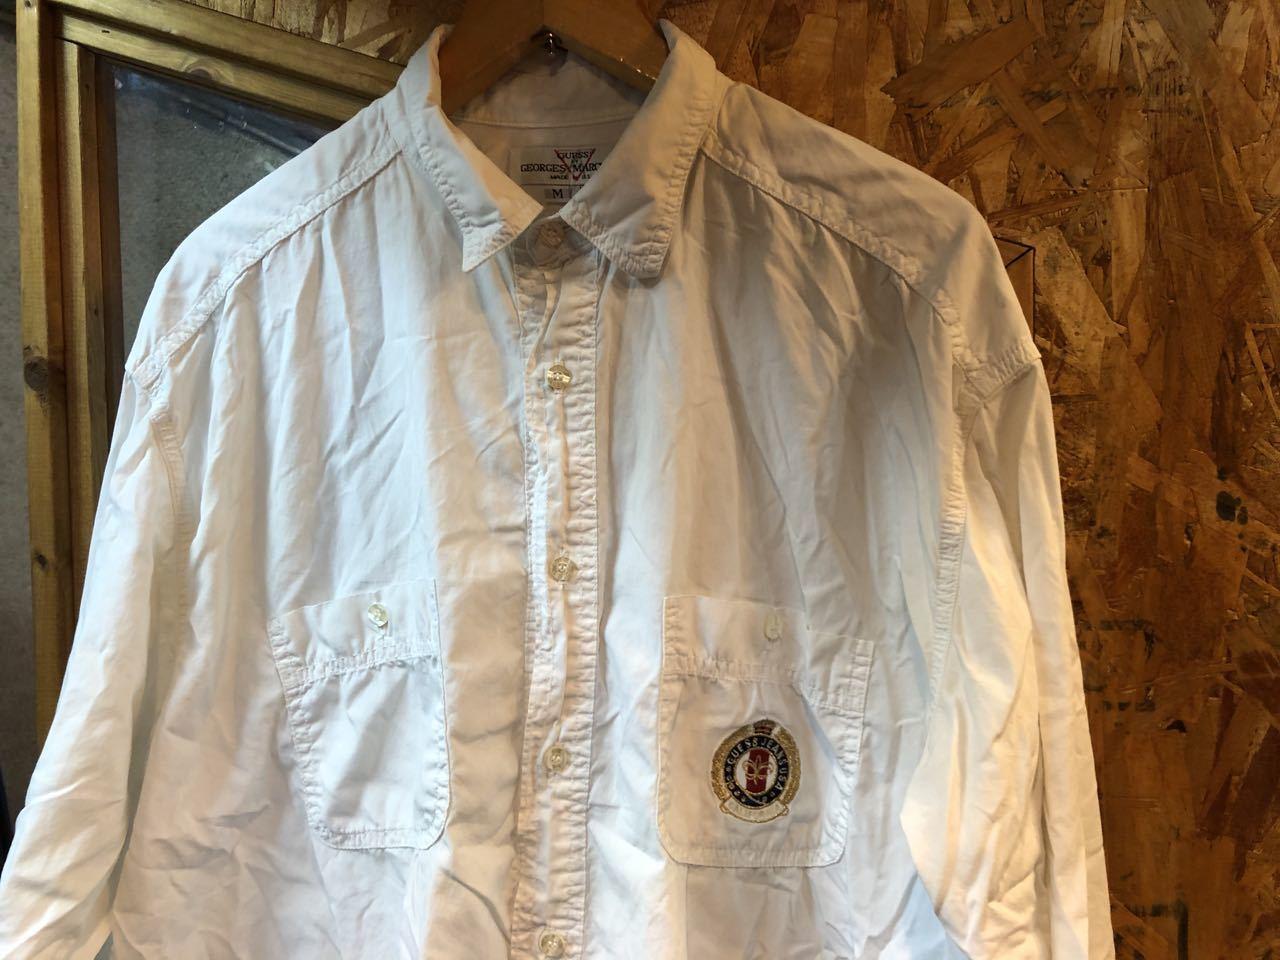 2月3日(月)入荷!GUESS  by GEOGES MARCIANO MADE IN U.S.A white shirts!!  白シャツ!_c0144020_13034719.jpg